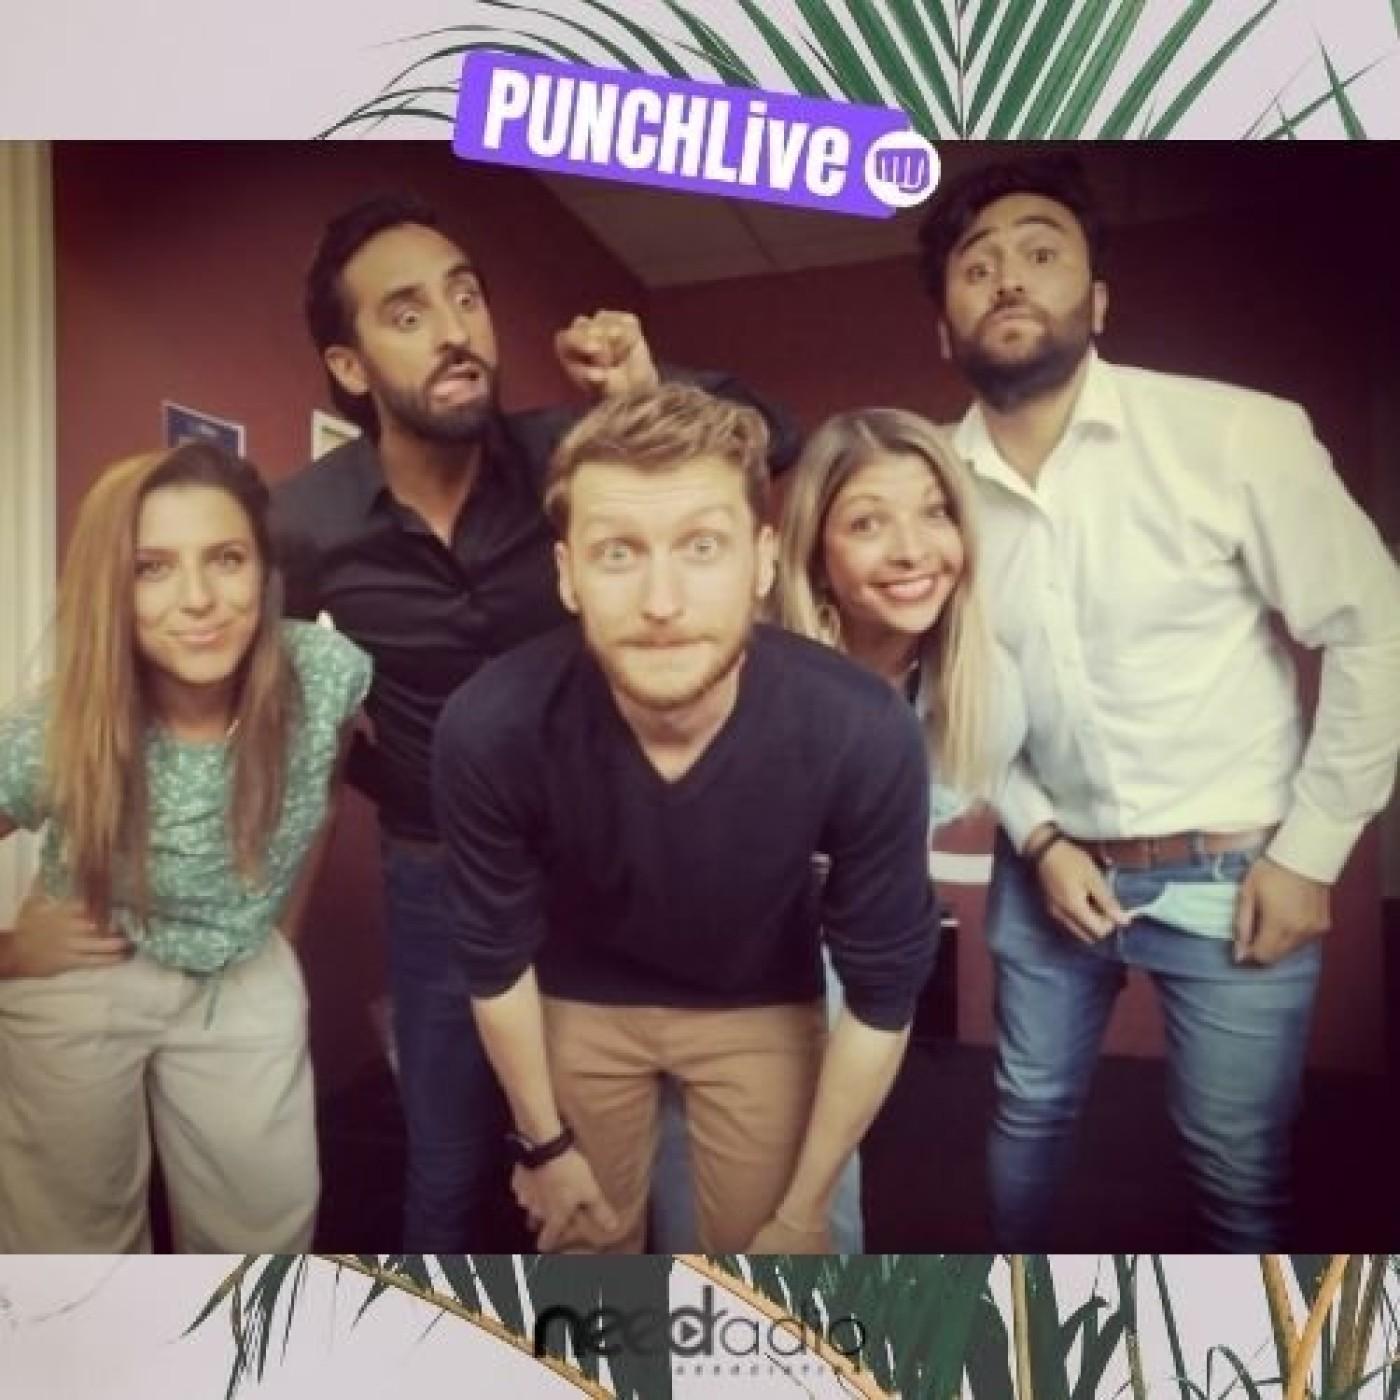 Punch Live (avec Quentin & son équipe)